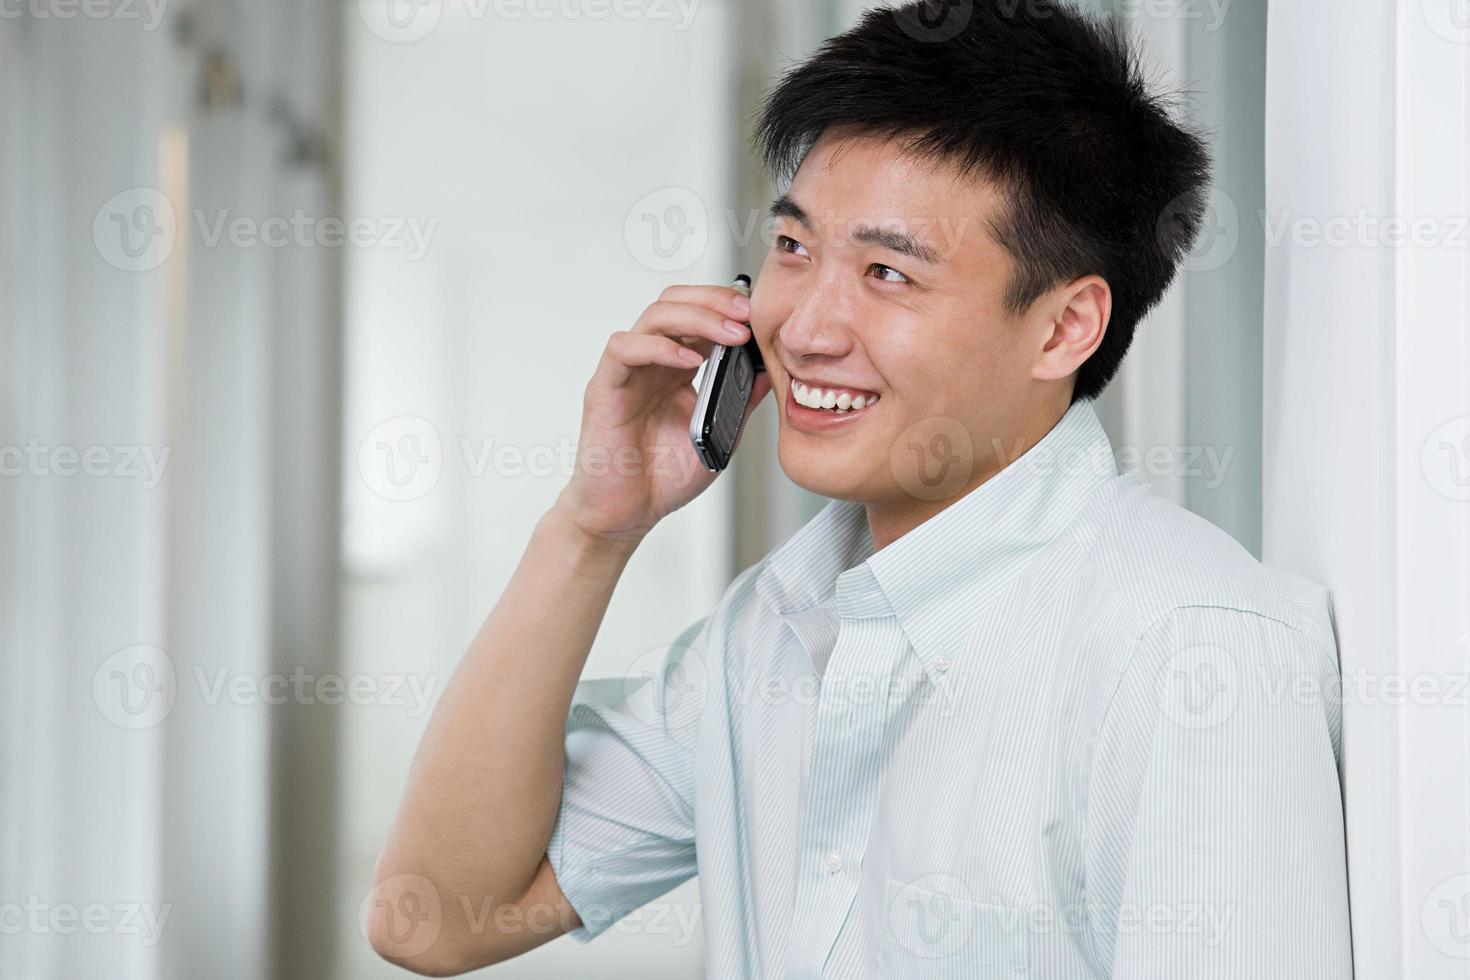 homme sur téléphone portable photo